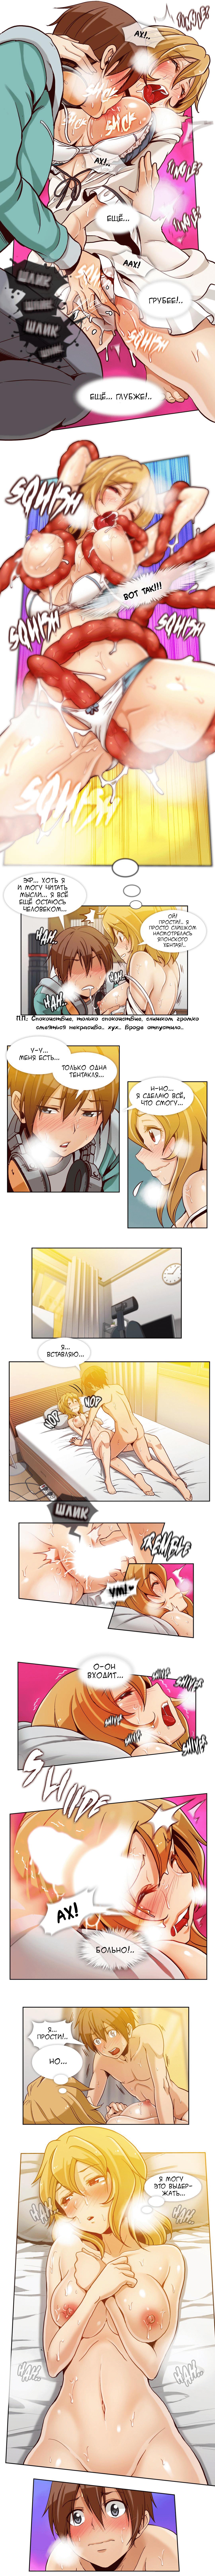 Secret X Folder — Глава 5 — Кончи в меня! (3) Манга,